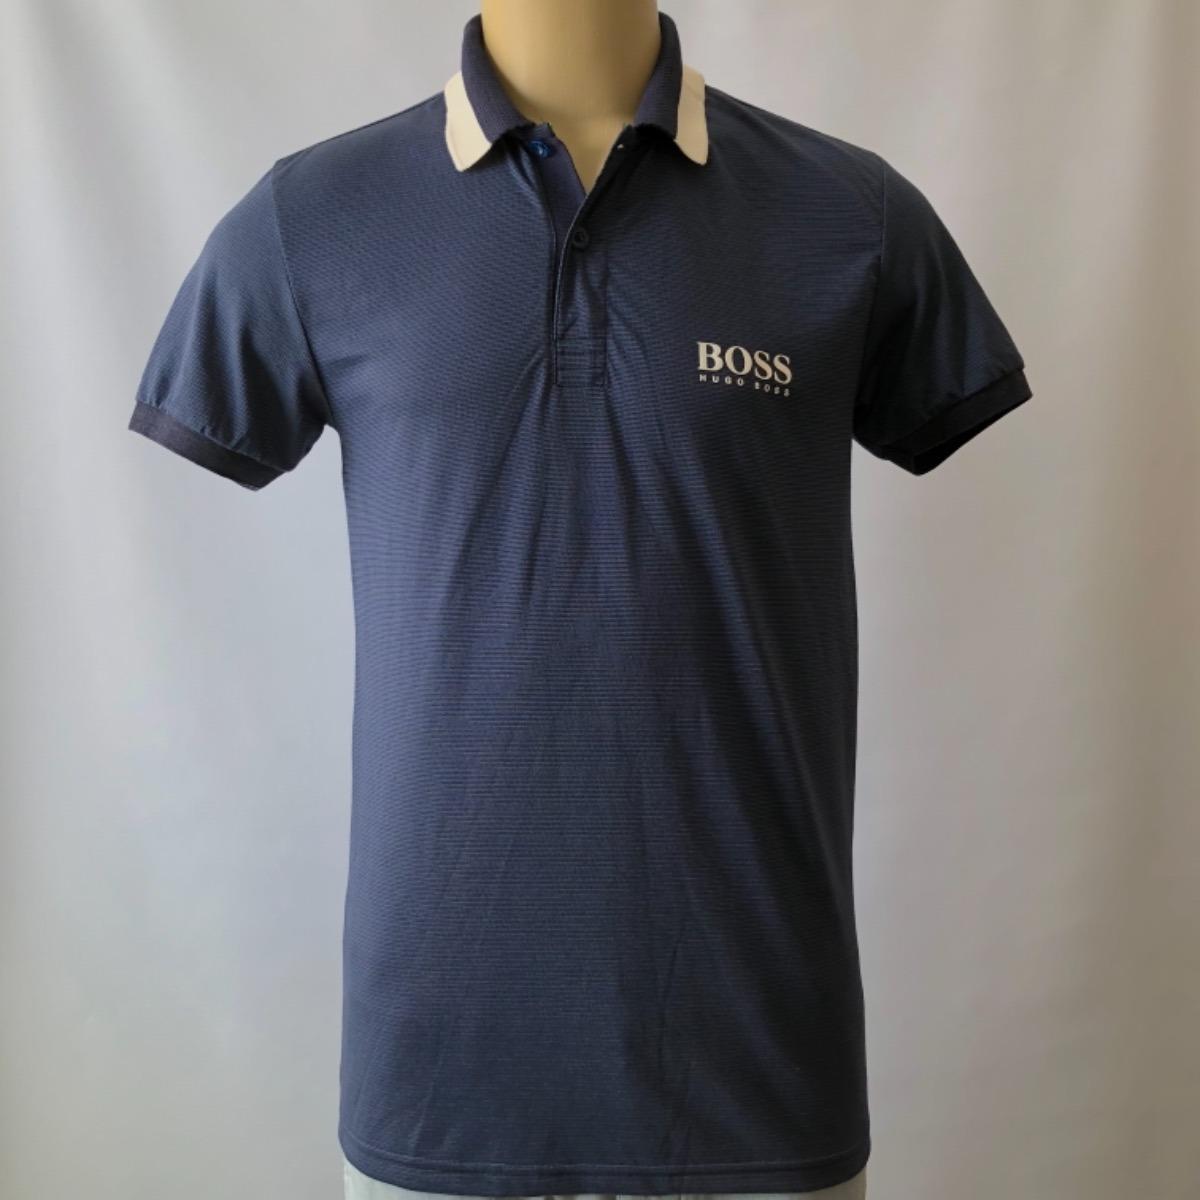 camisa gola polo masculina hugo boss importada algodão. Carregando zoom. cbc2d44ea8c93